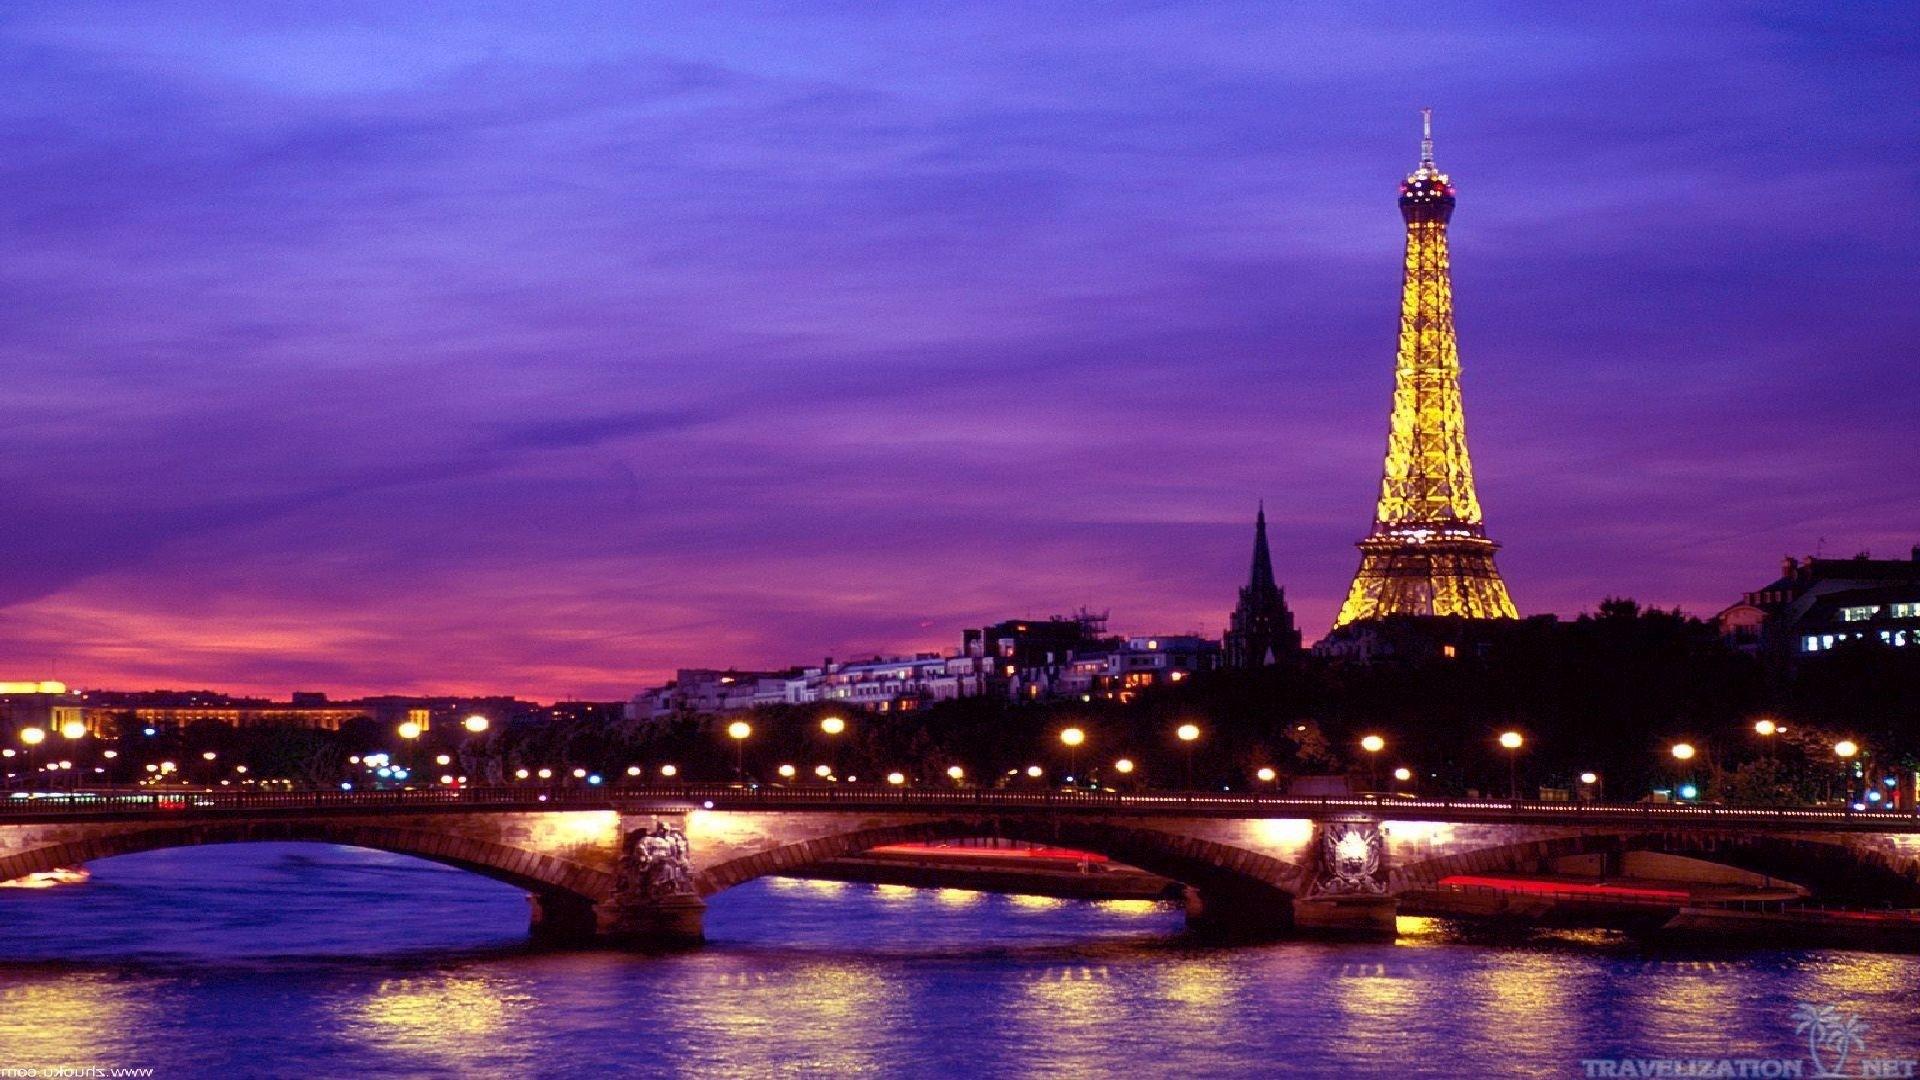 Eiffel Tower a wallpaper